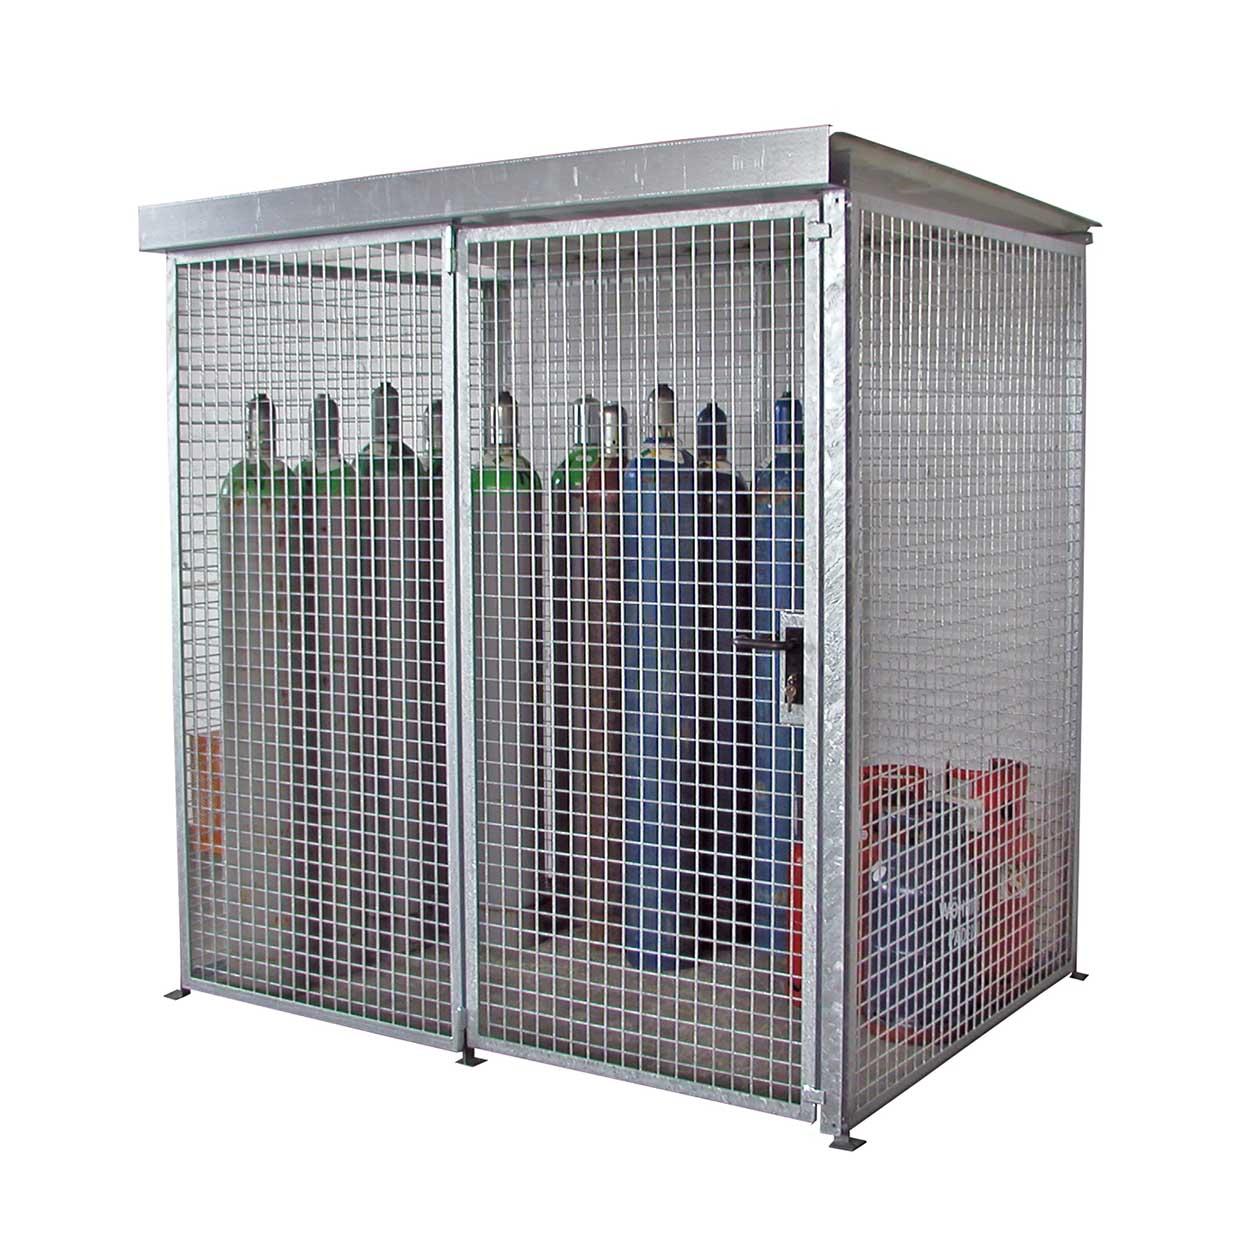 Klietka pre skladovanie tlakových fliaš bez podlahy a so str